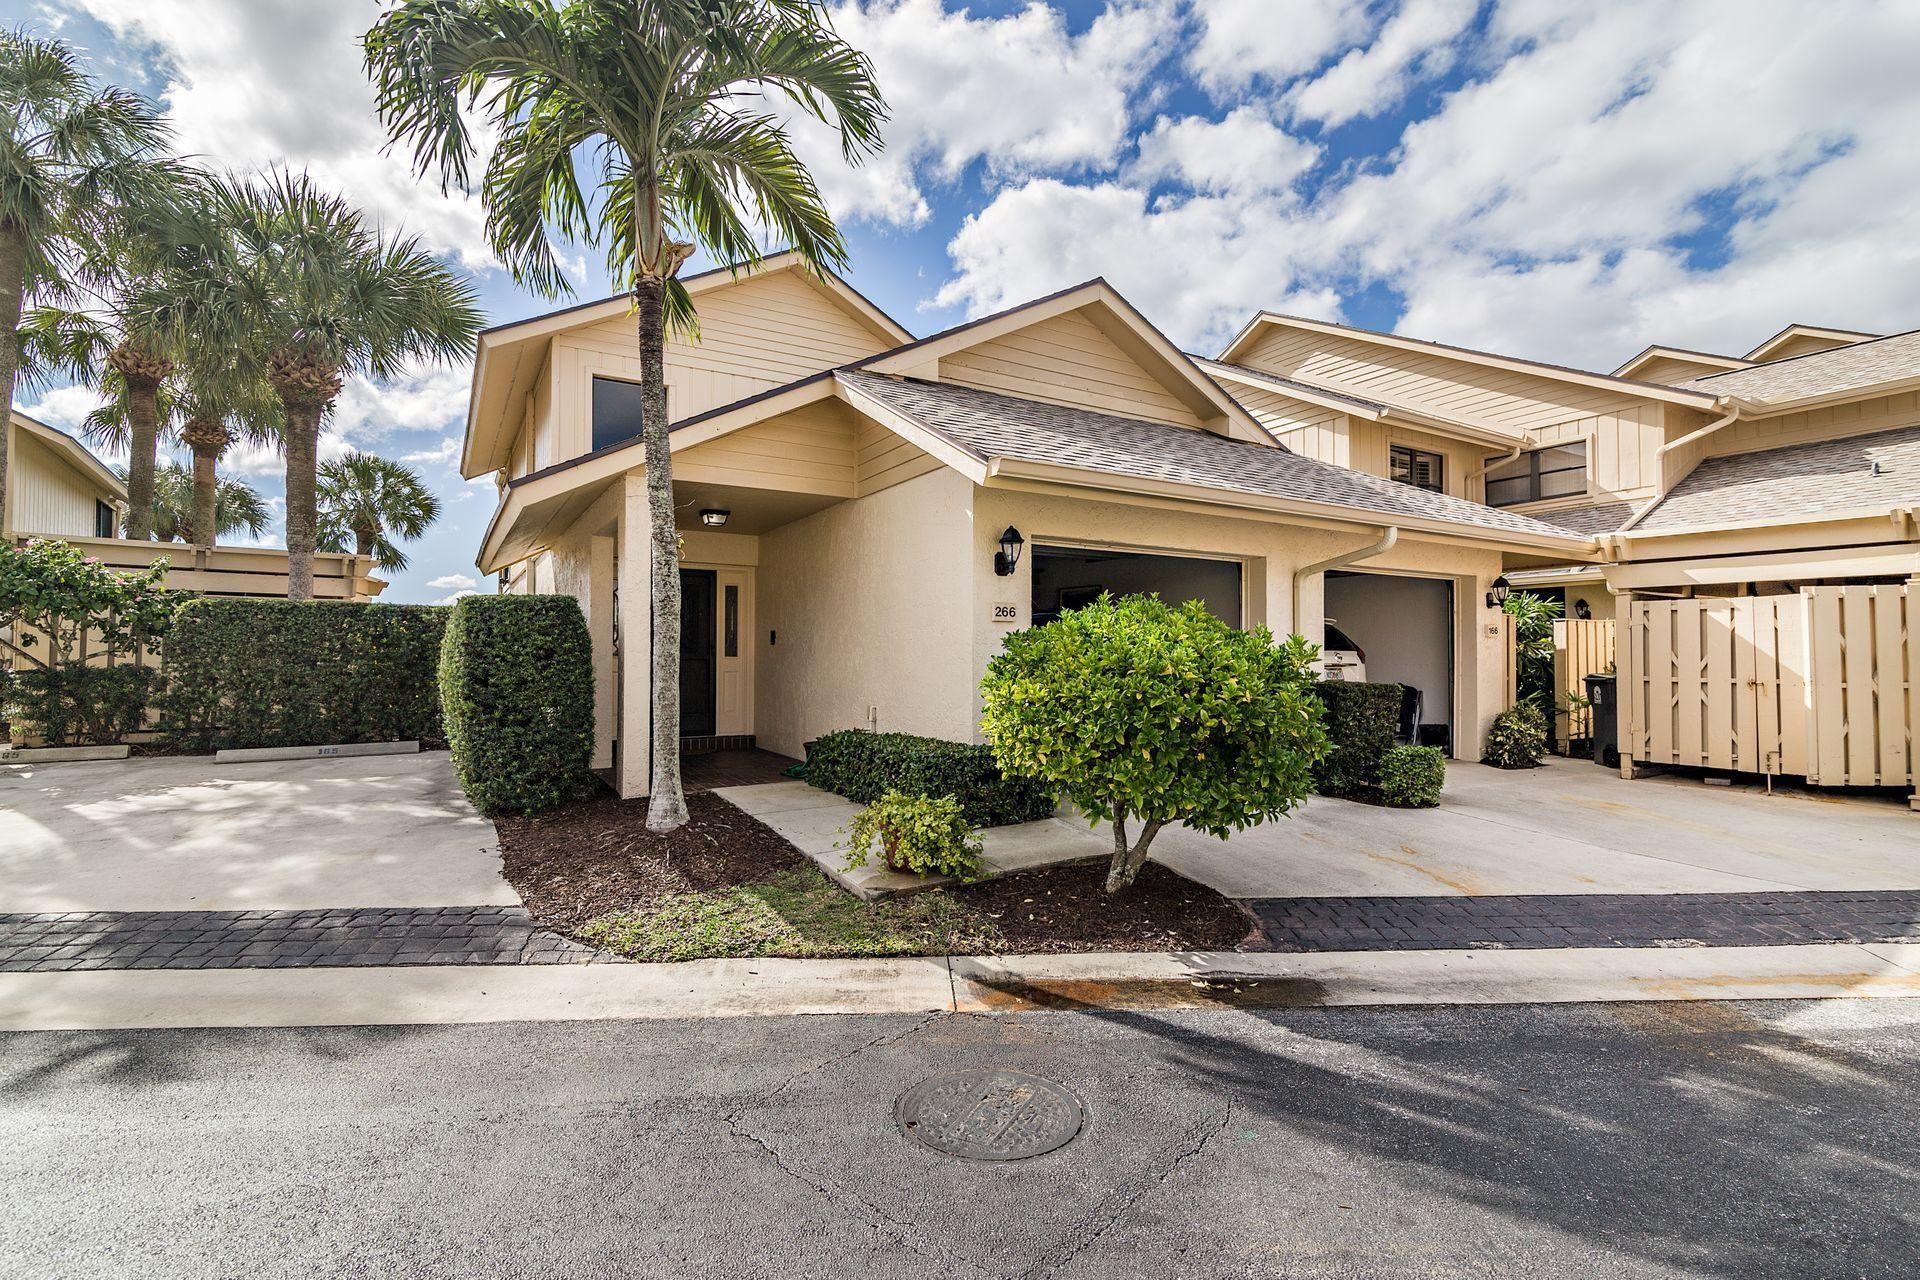 Photo of 16913 Waterbend 266 Drive #266, Jupiter, FL 33477 (MLS # RX-10686622)